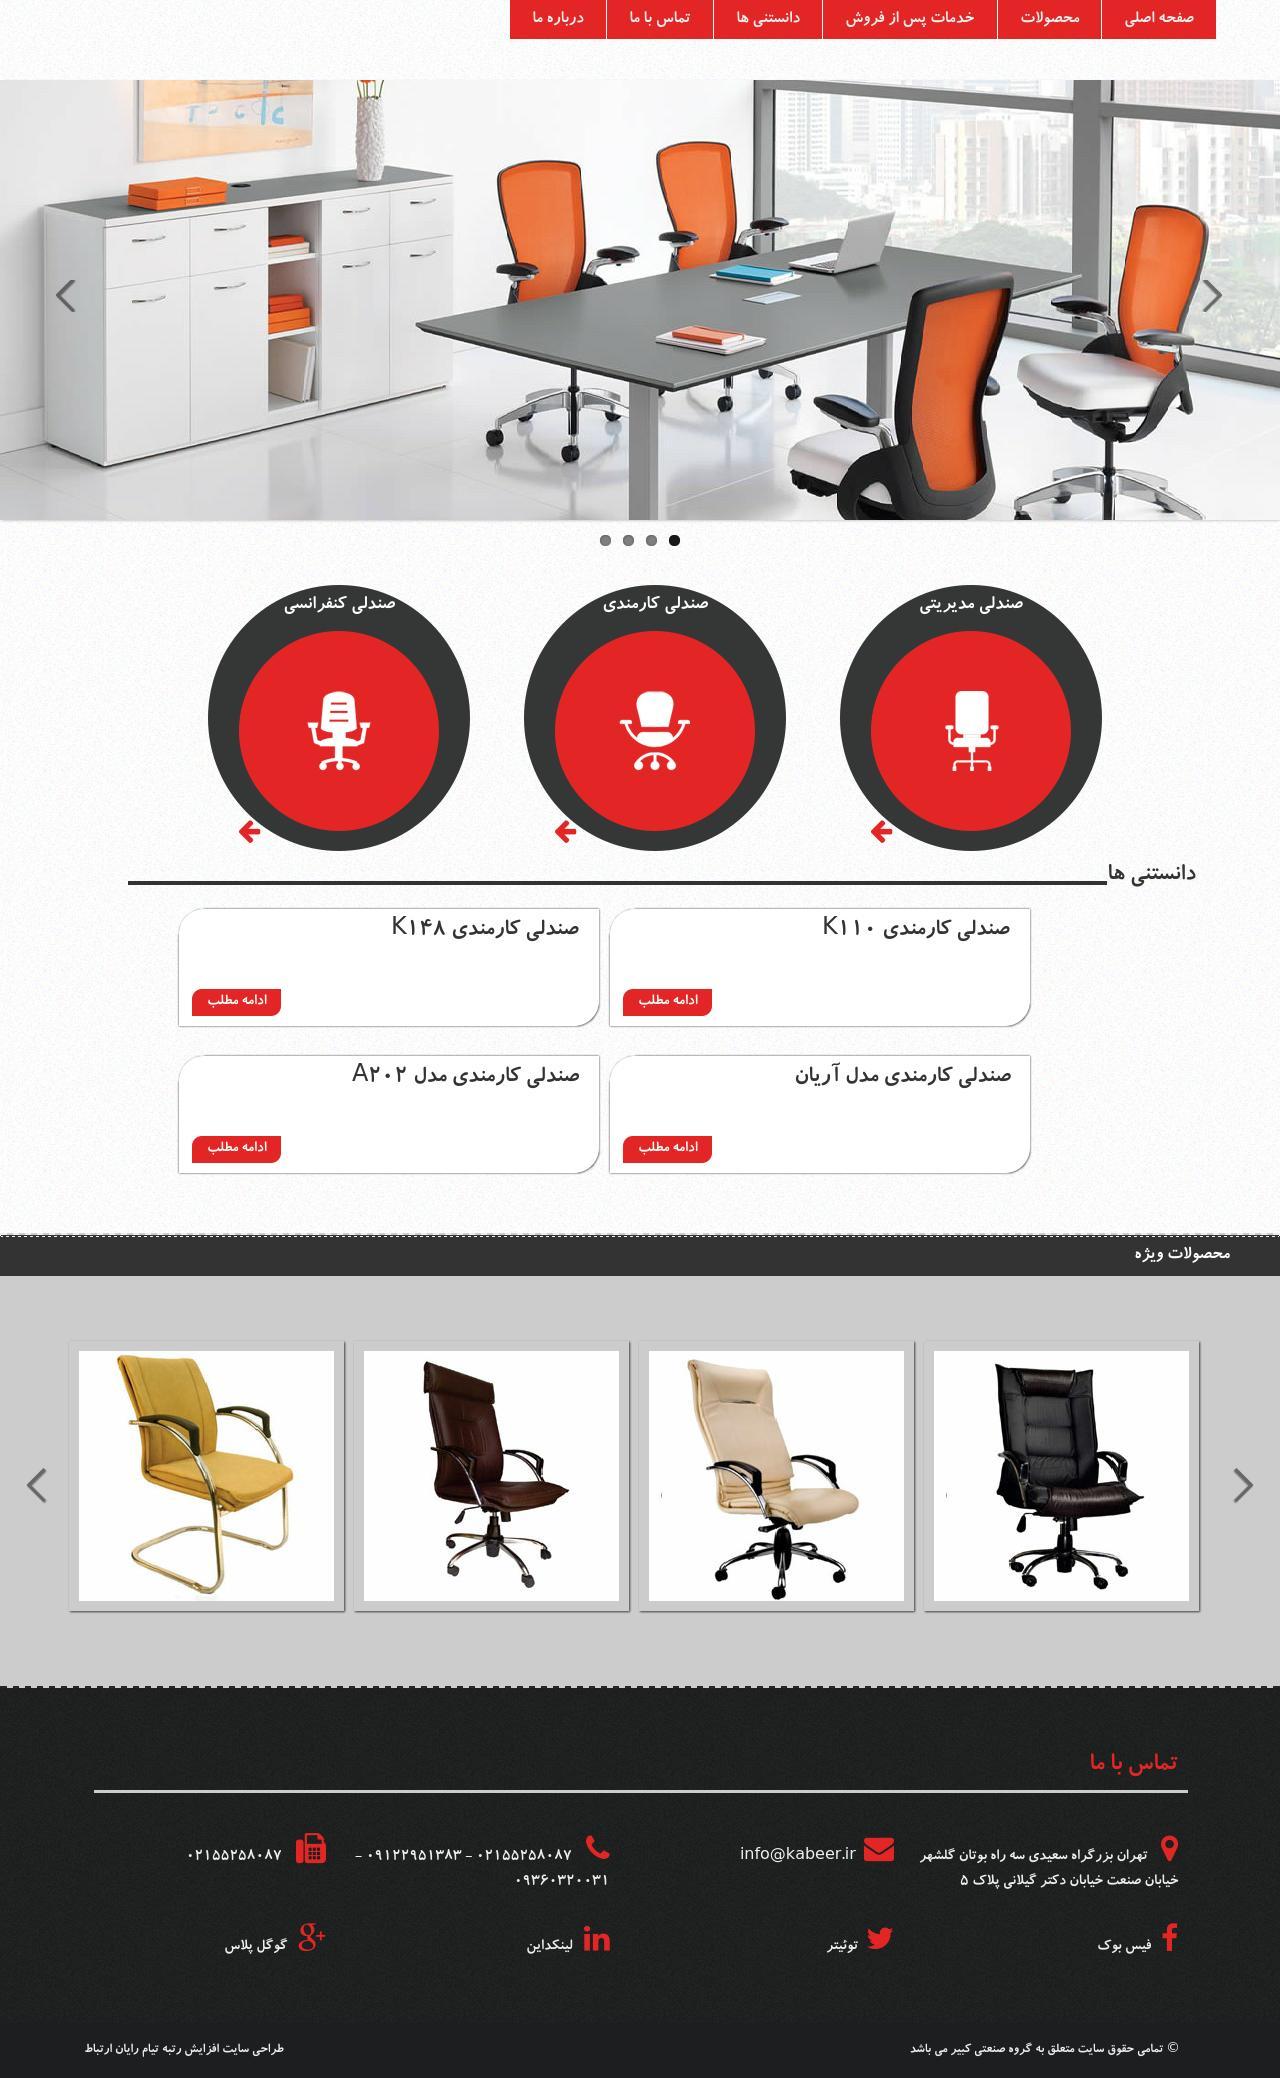 طراحی وب سایت گروه صنعتی کبیر